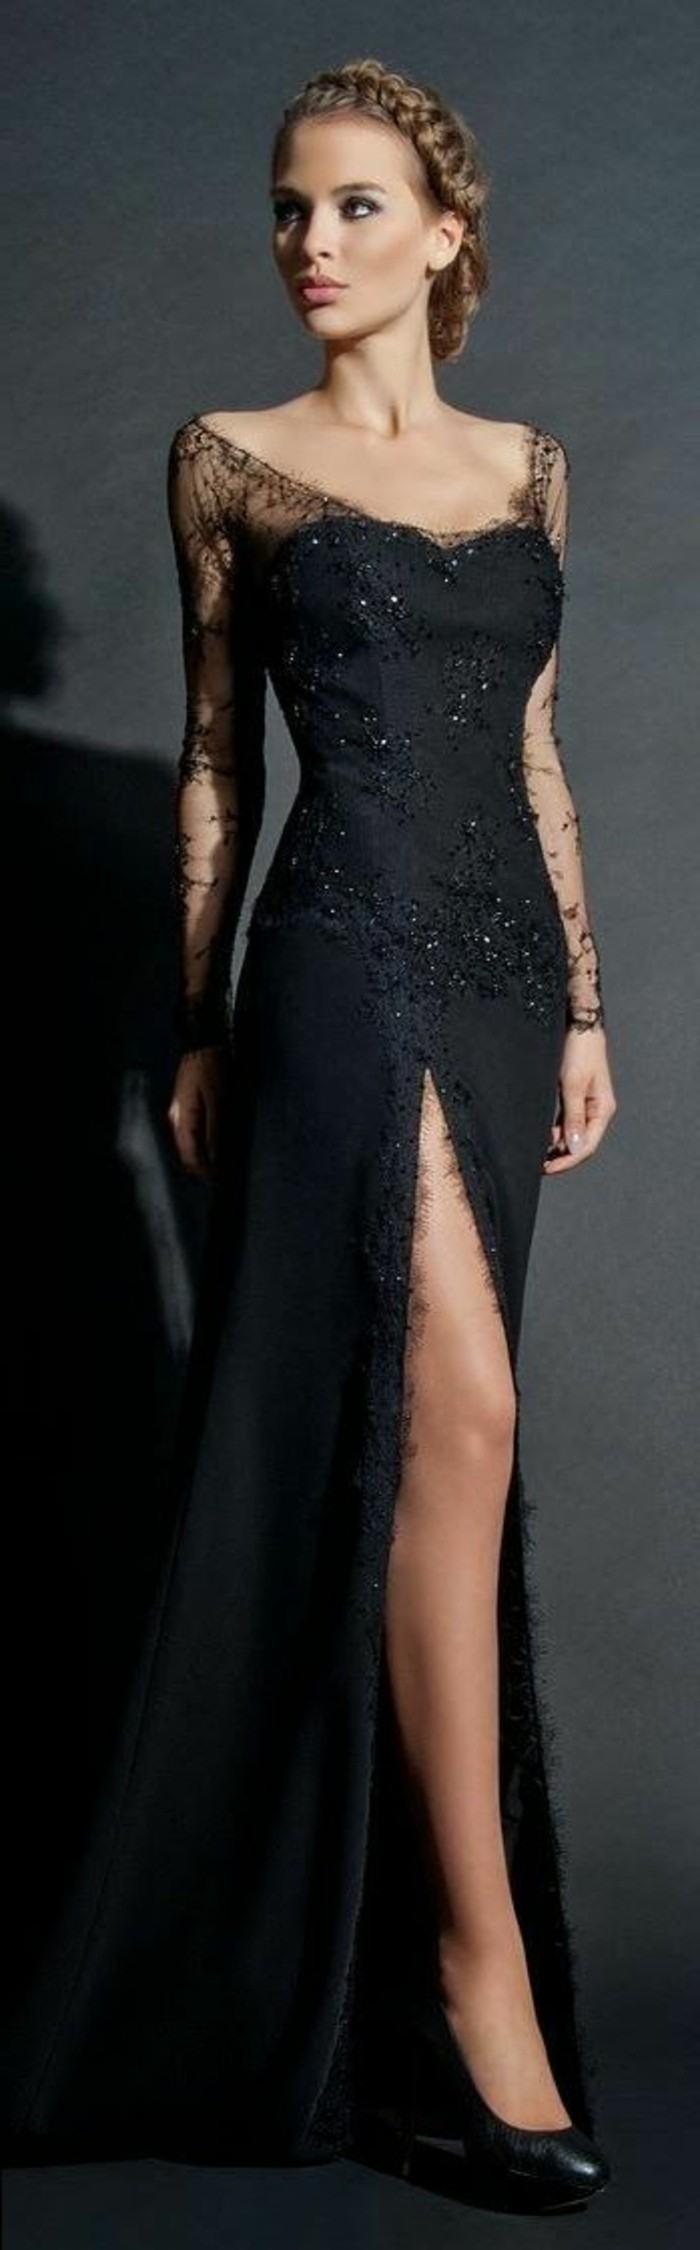 Fantastisch Moderne Elegante Kleider für 2019Designer Schön Moderne Elegante Kleider Galerie